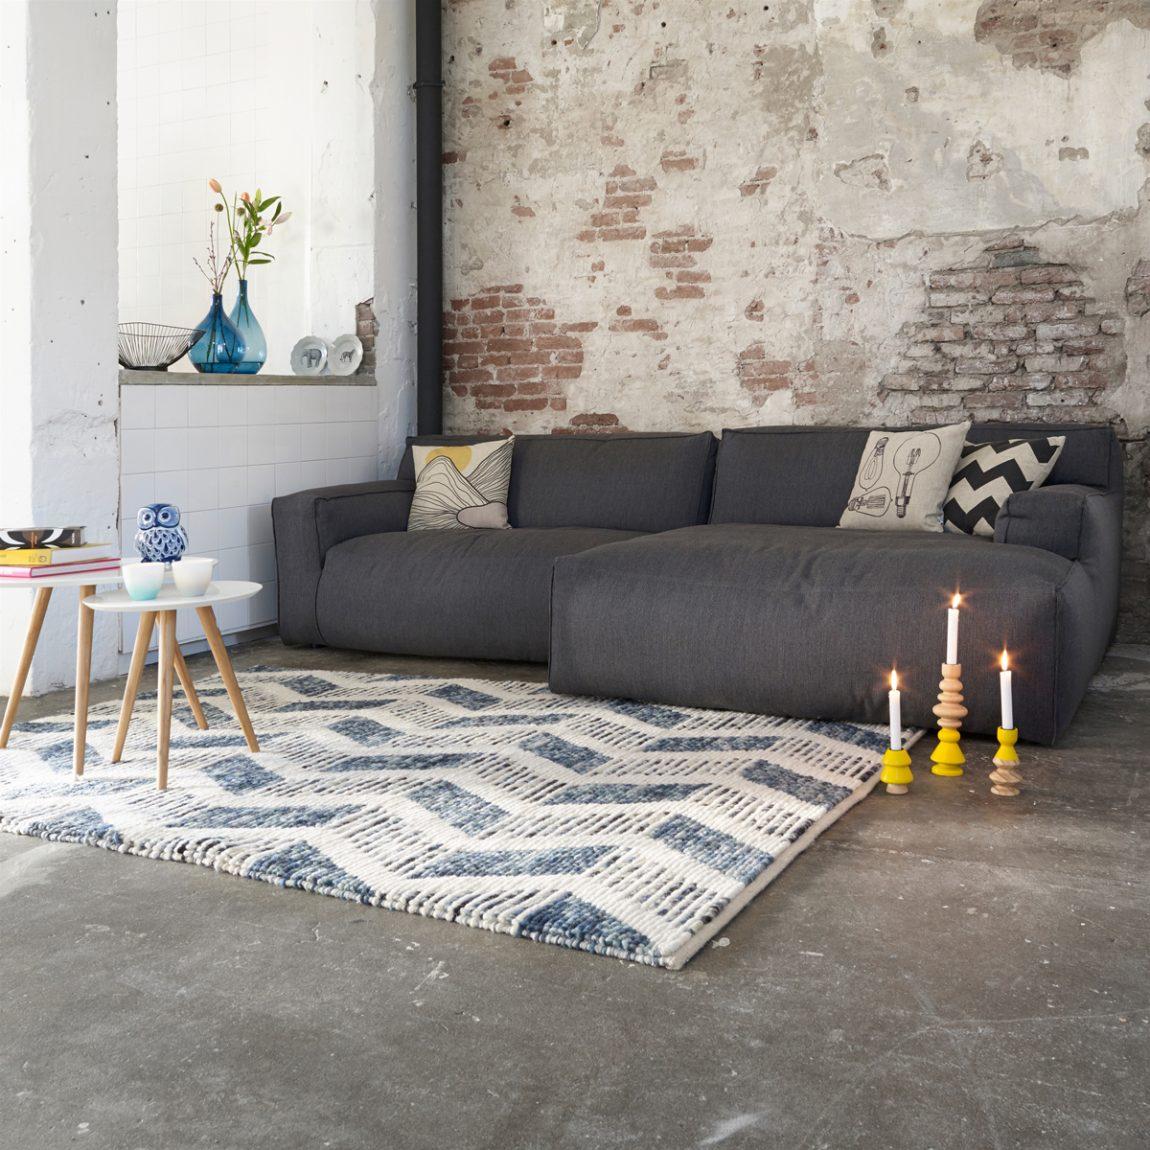 fest-amsterdam-clay-1-5-zits-bank-met-longchair